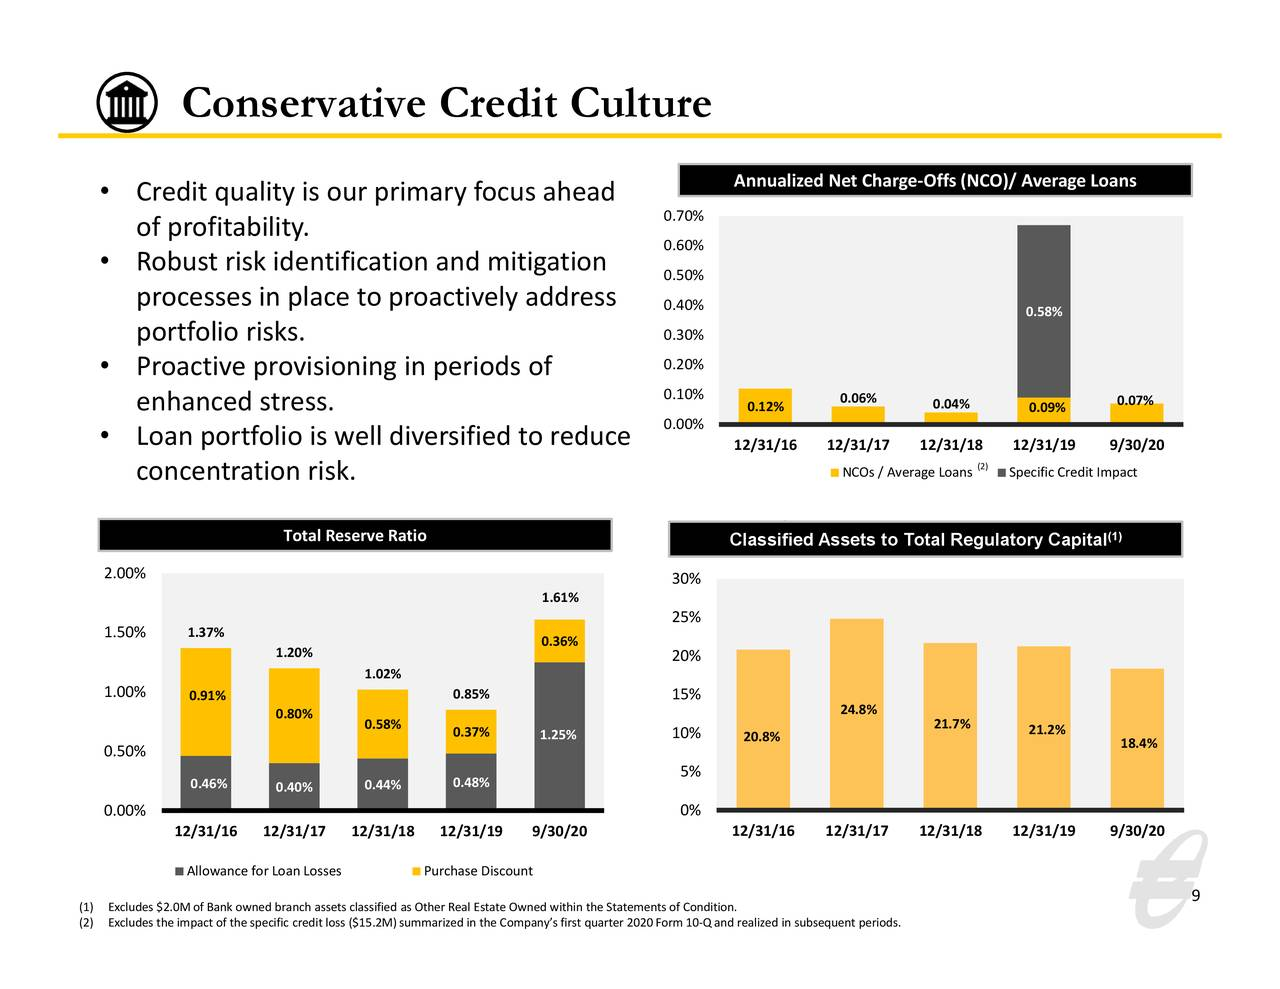 Cultura crediticia conservadora